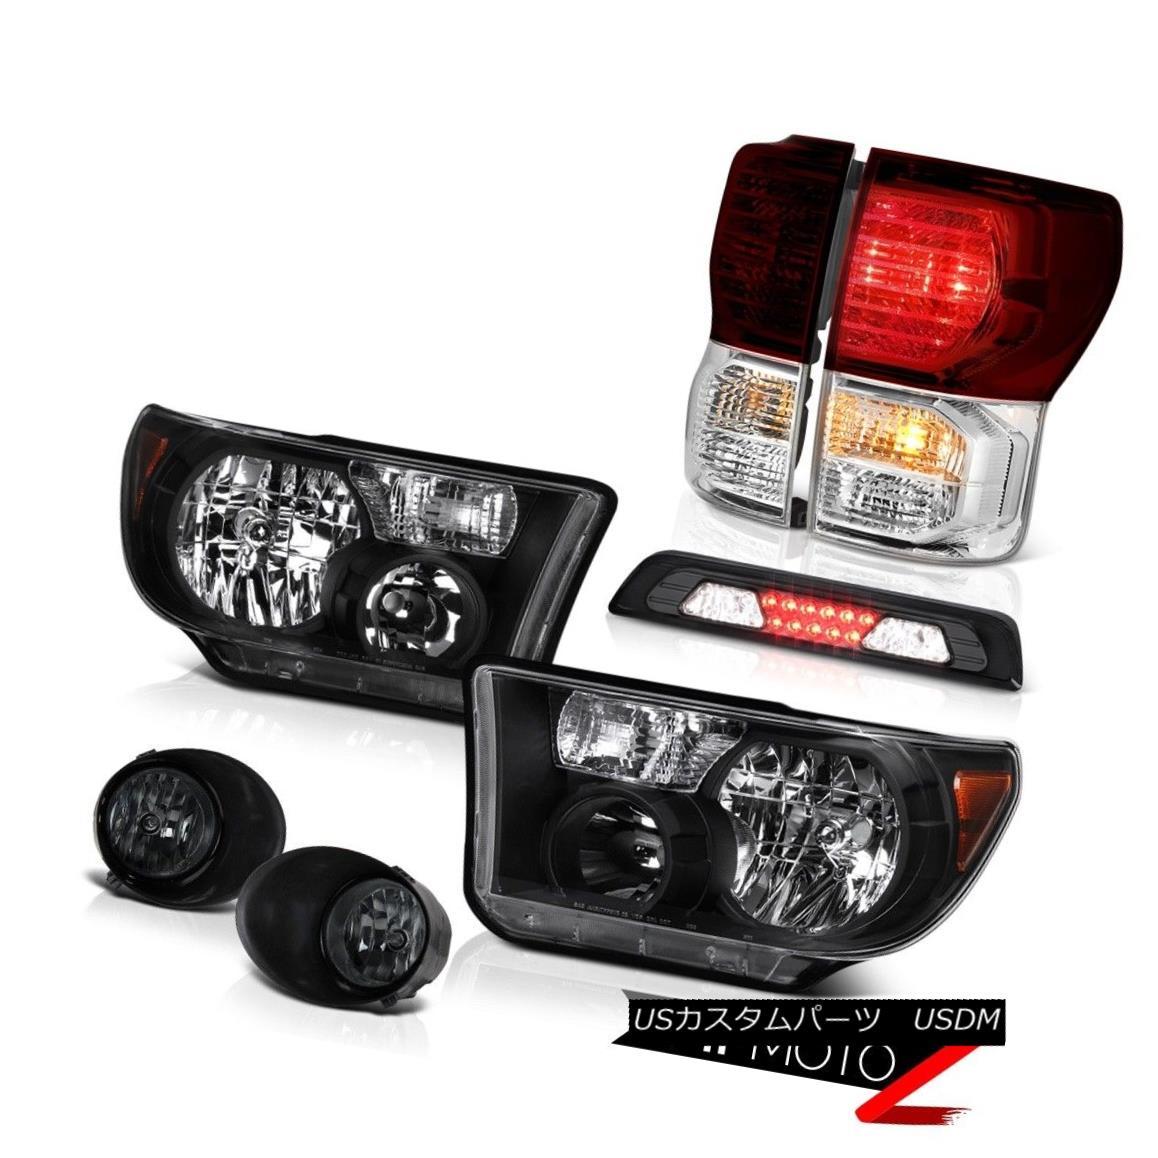 テールライト 2007-2013 Toyota Tundra SR5 Headlights Foglights Roof Brake Light Rear Lights 2007-2013トヨタトンドラSR5ヘッドライトフォグライトルーフブレーキライトリアライト